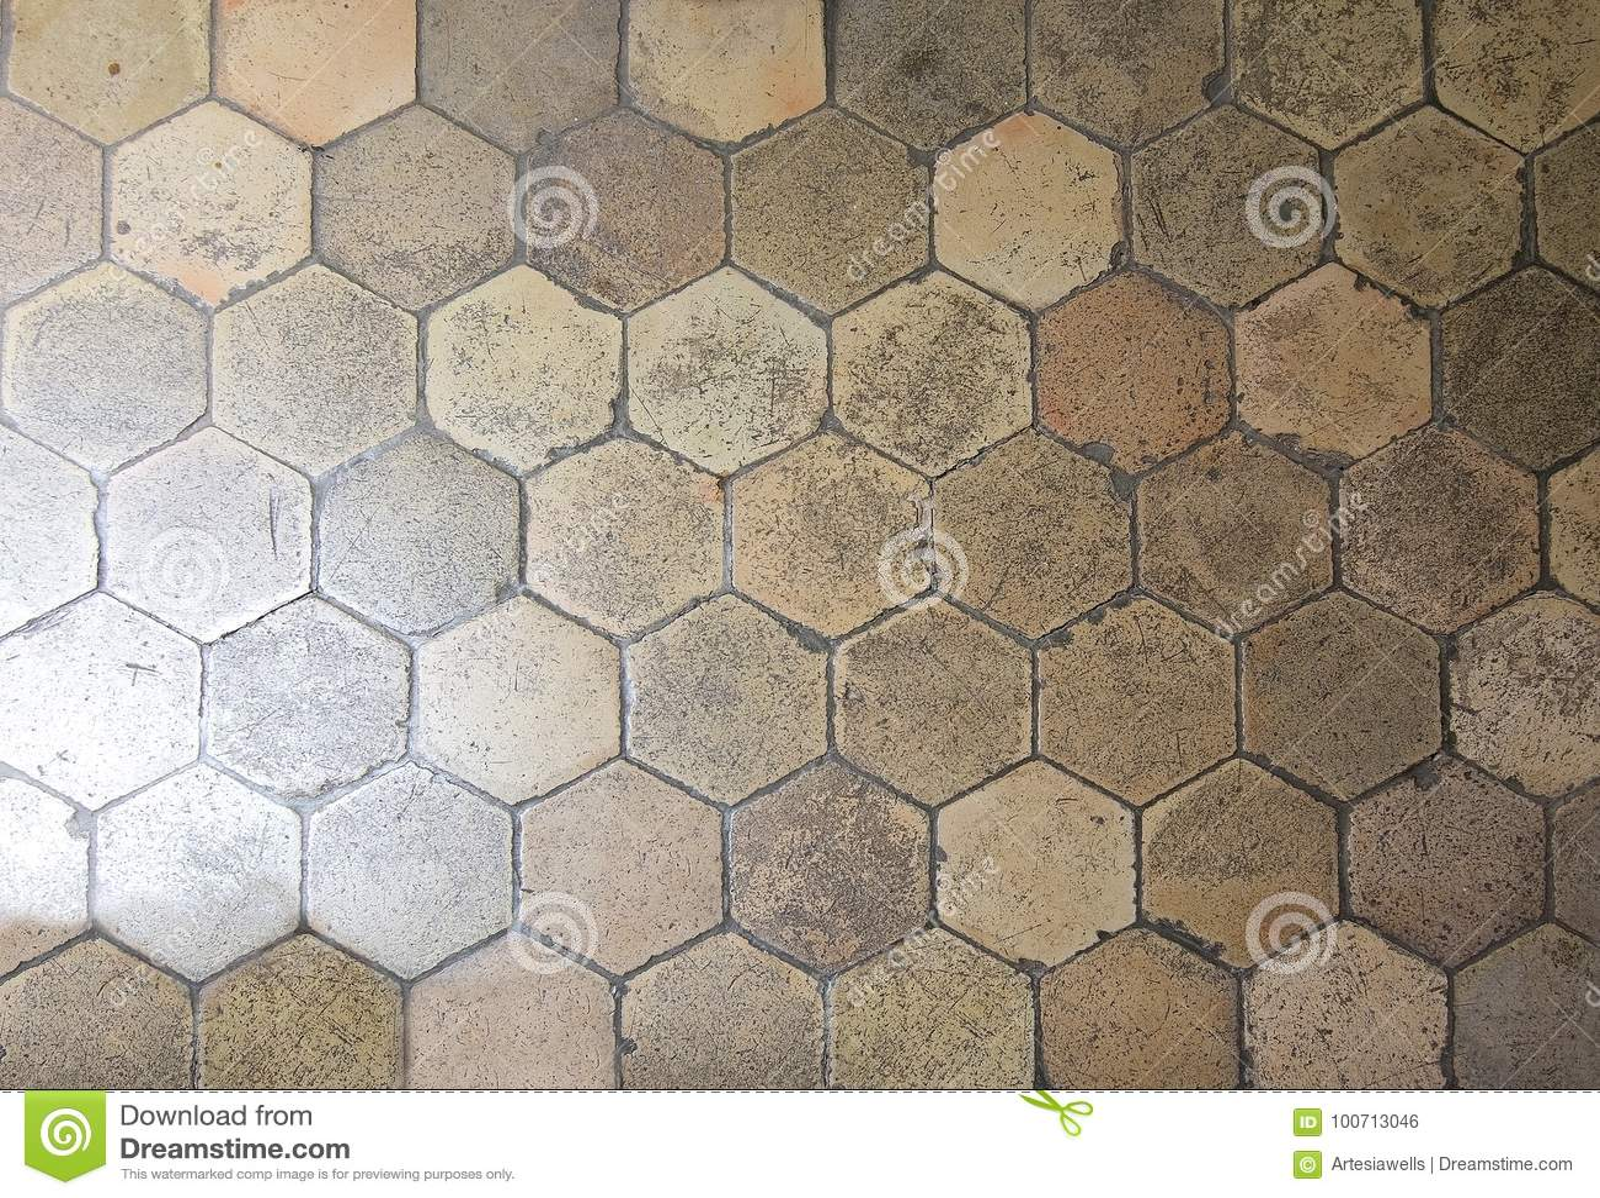 Hexagonal Floor Tiles Stock Photo Image Of Theatre 100713046